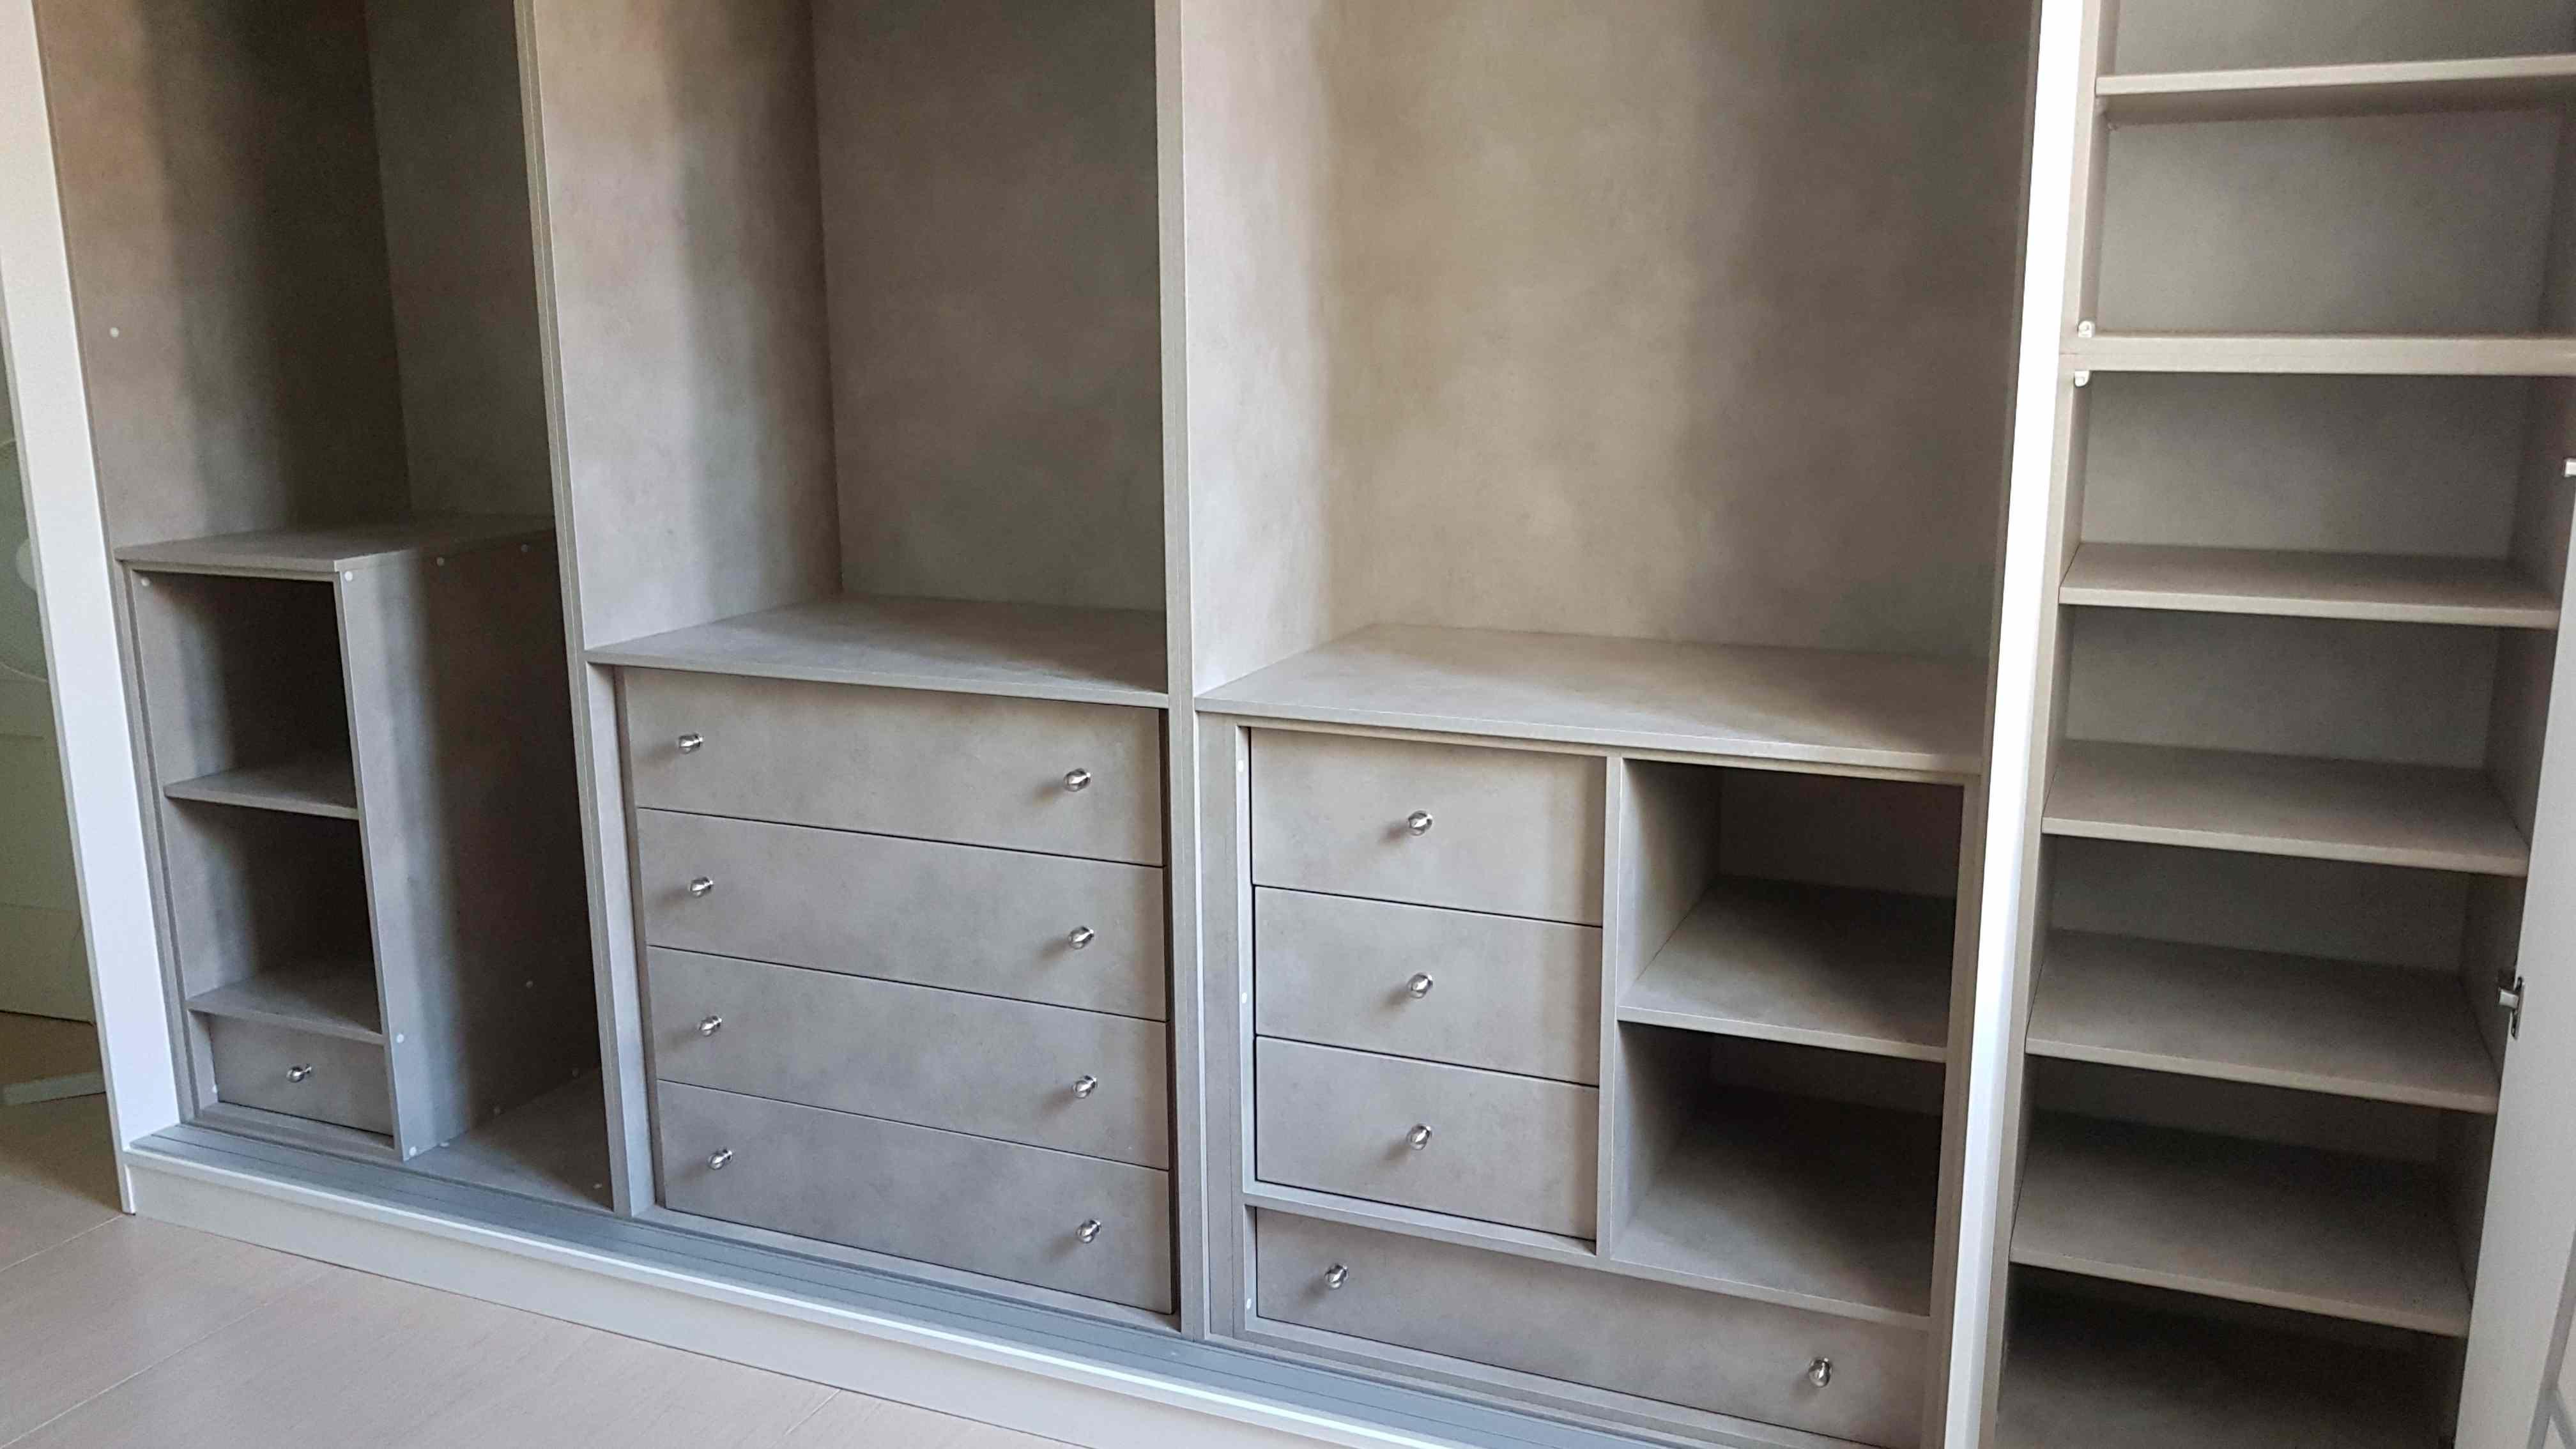 Carpinter a familia murcia armario de puertas correderas y zapatero interior color cemento - Zapatero interior armario ...